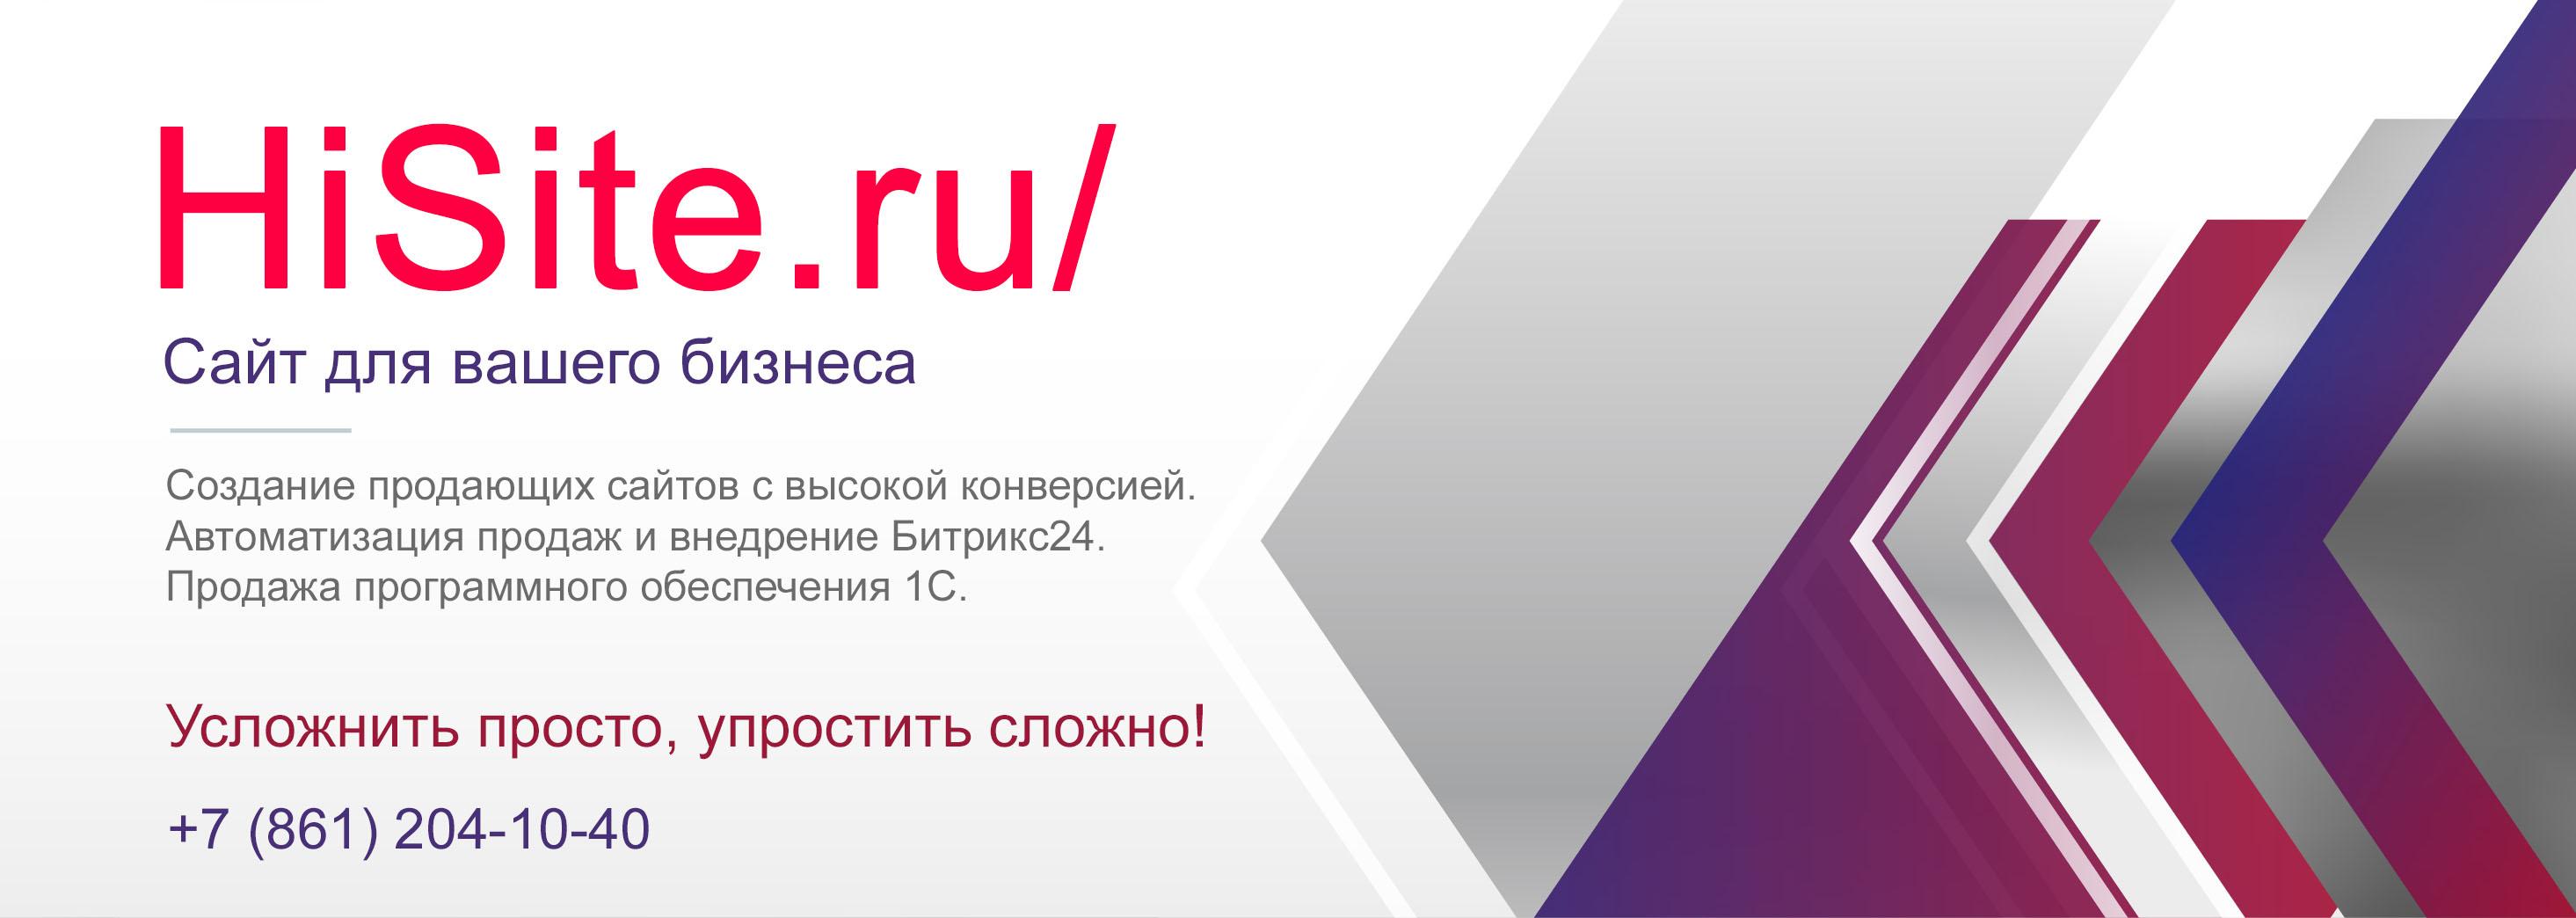 создание и разработка сайтов в Краснодаре, внедрение Битрикс24